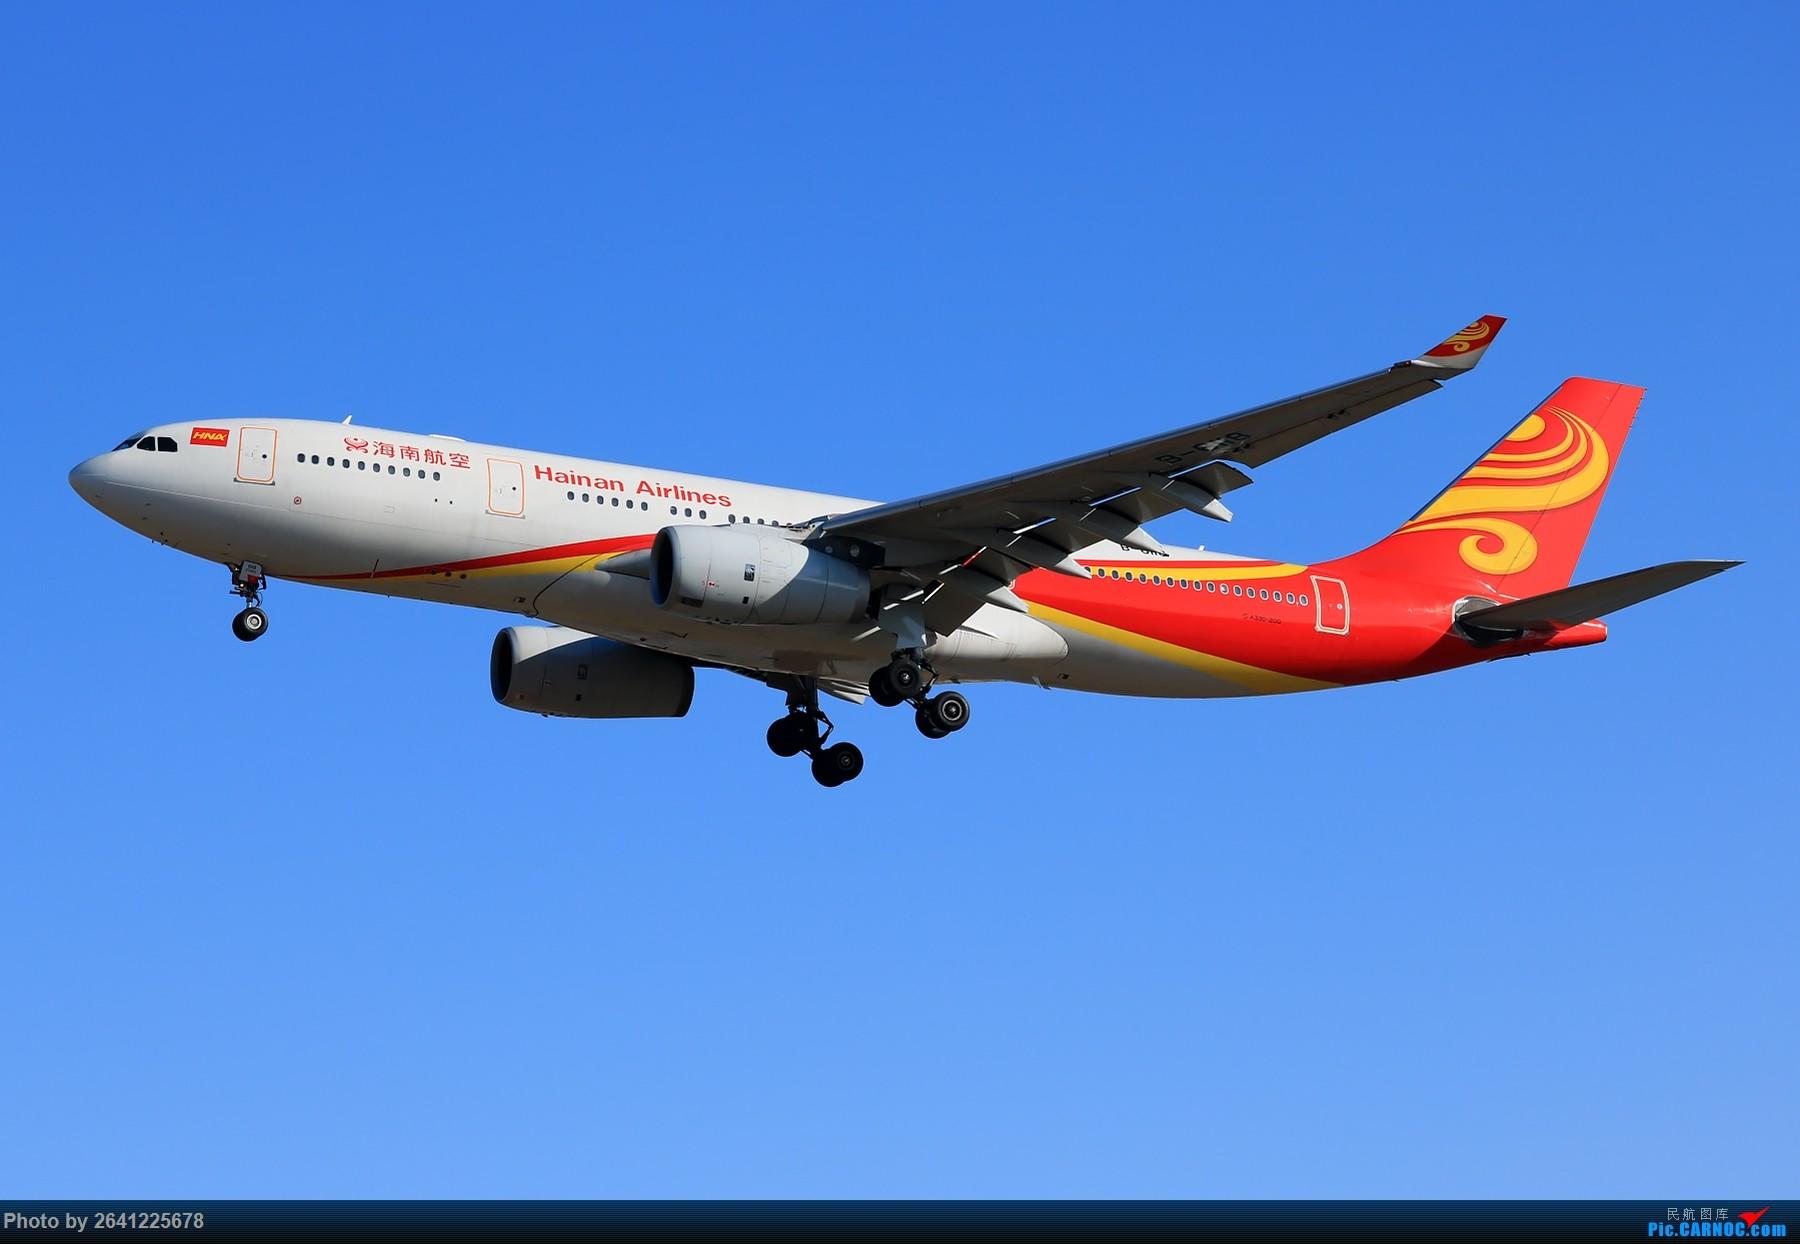 Re:[原创]【PEK】六七级北风吹走了雾霾,吹不走拍机的热情!1800*1200/1920*1280一组 图片略多,慢慢发 AIRBUS A330-200 B-6118 中国北京首都国际机场